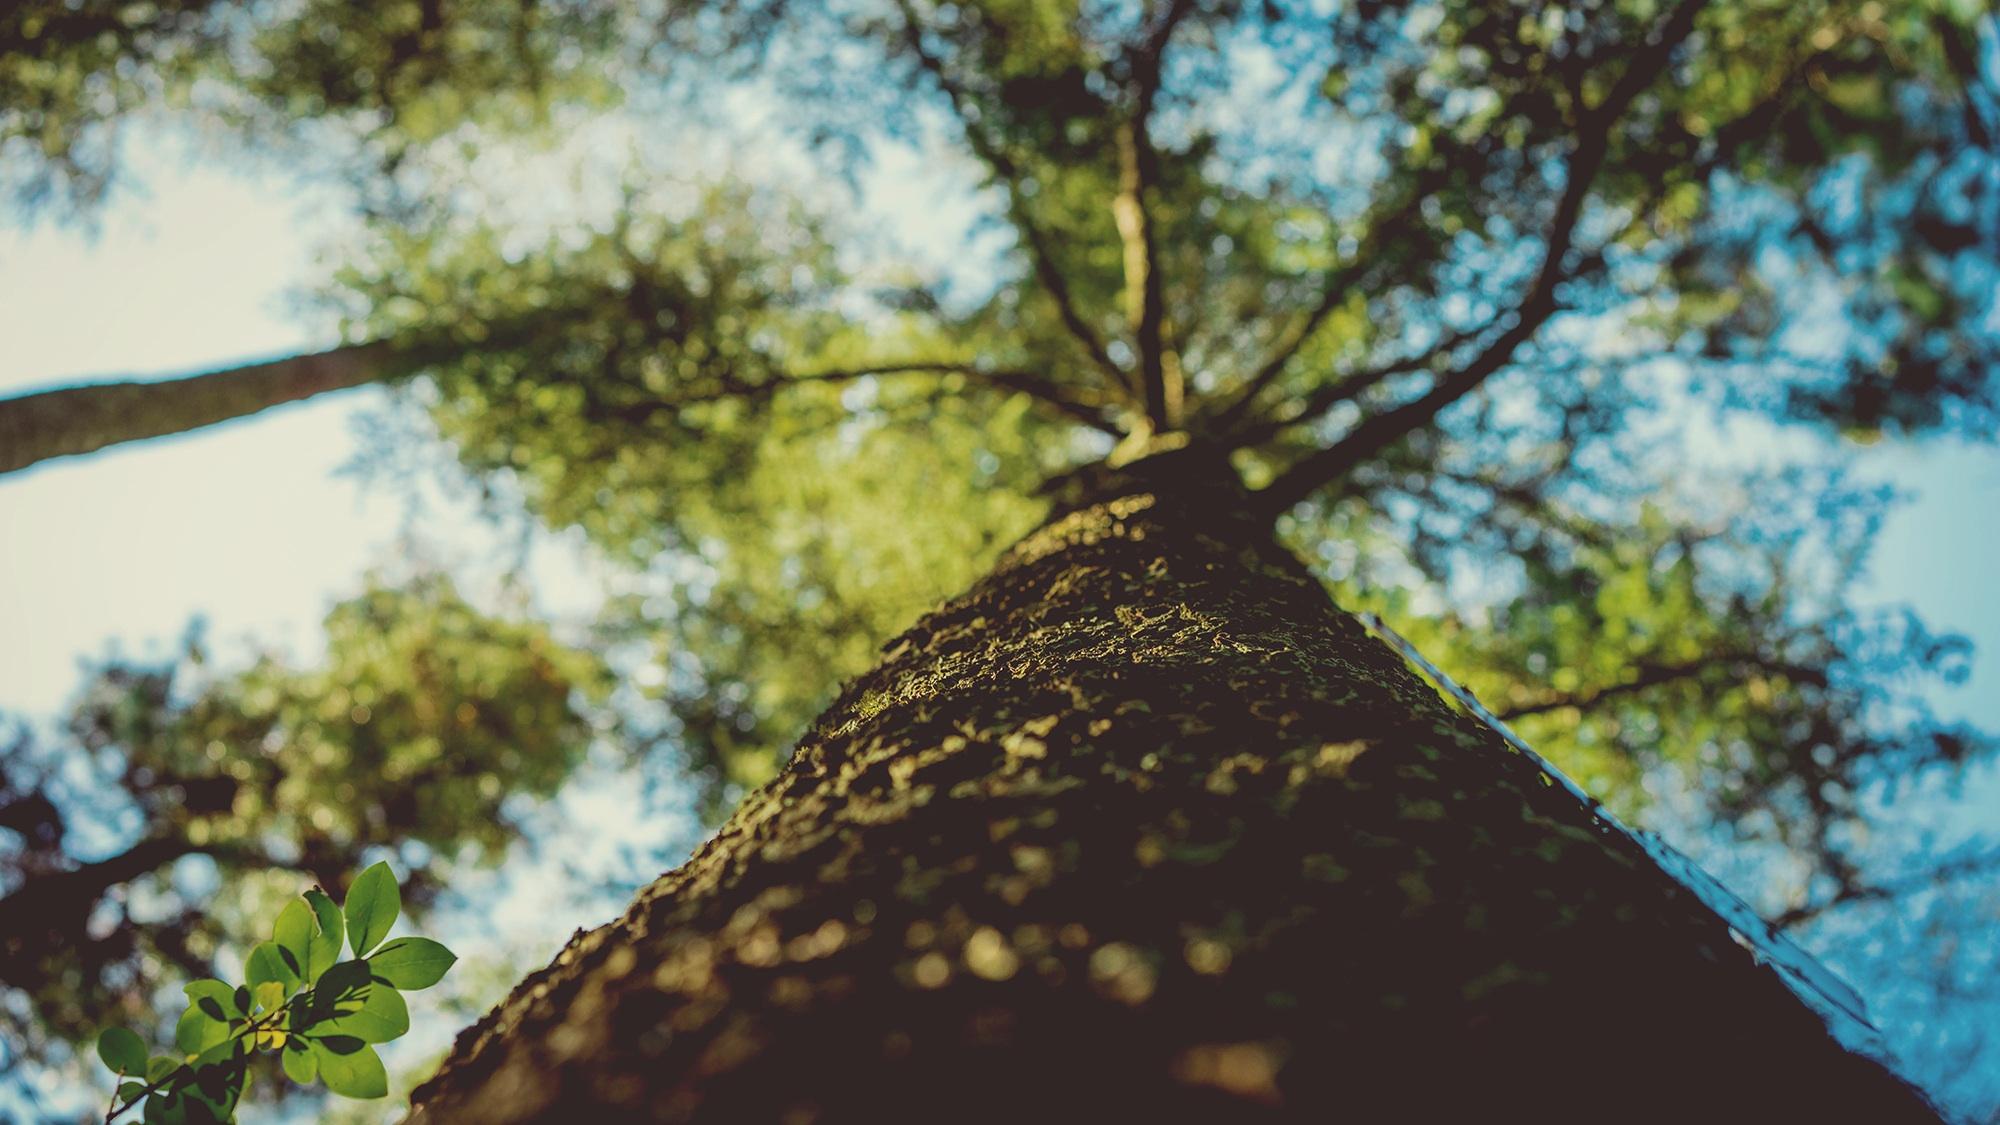 arbre, branches, tronc, feuilles, Sky, Evolution - Fonds d'écran HD - Professor-falken.com